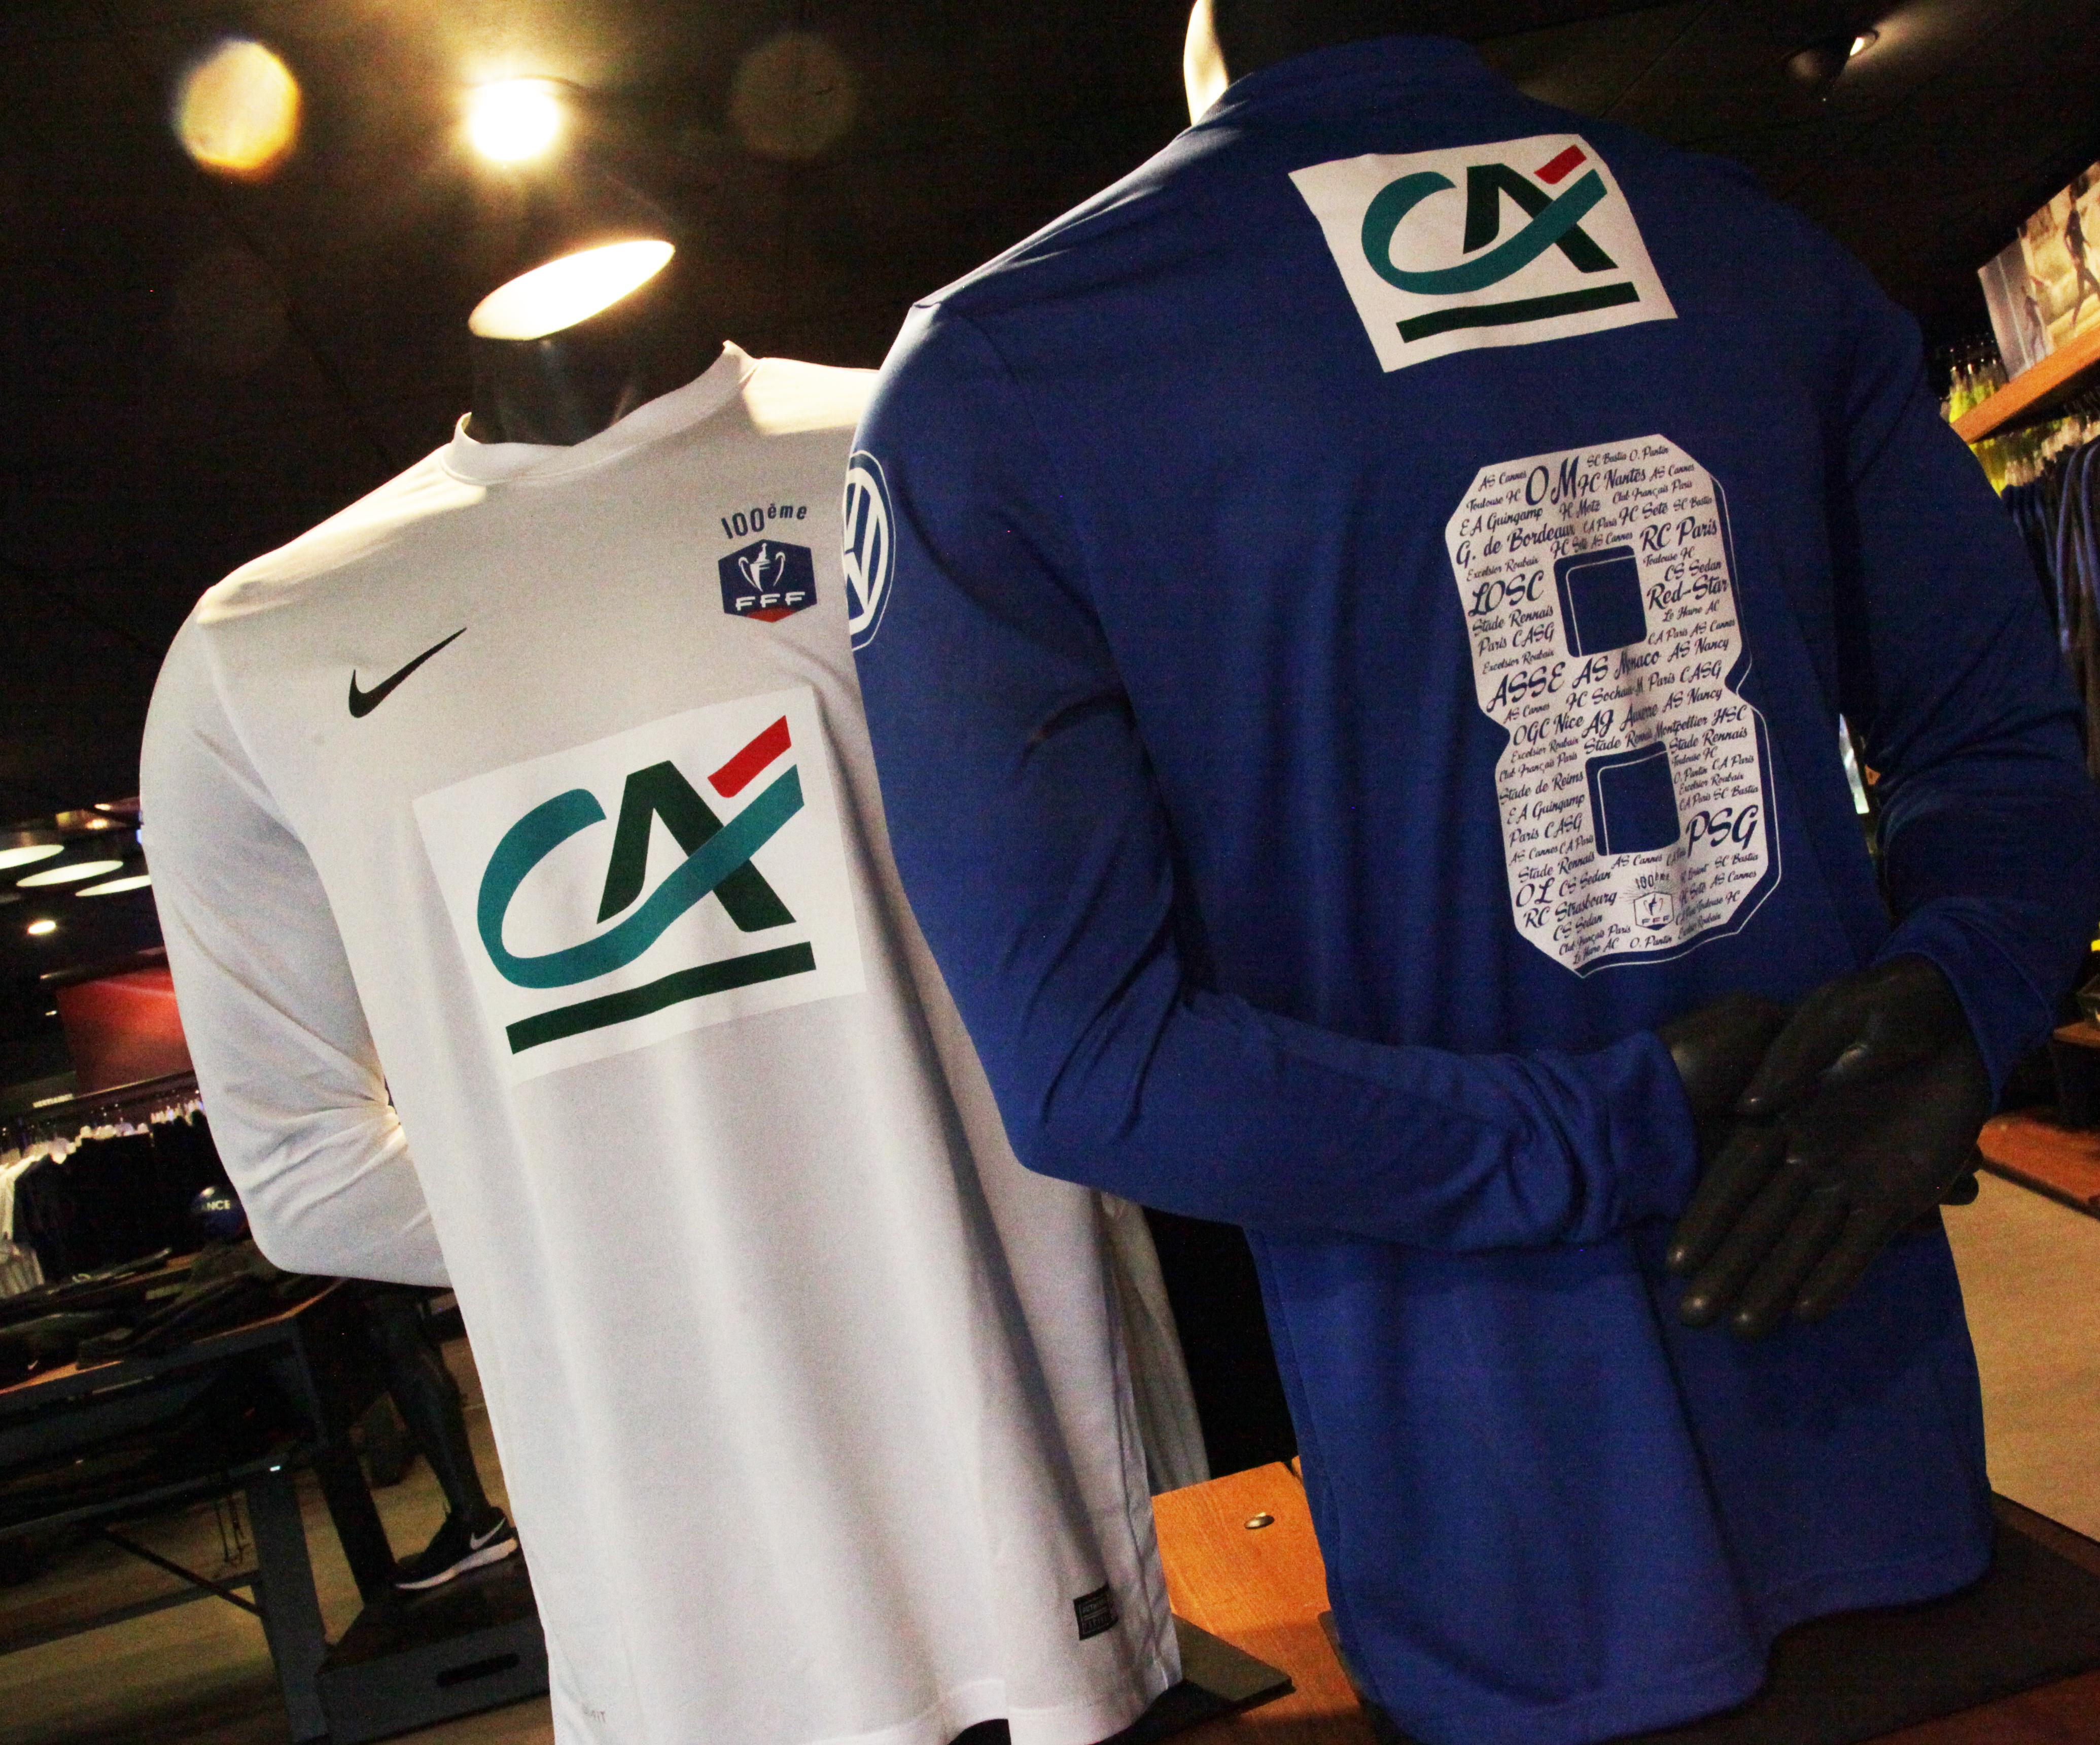 Le maillot collector pour le centenaire de la Coupe de France